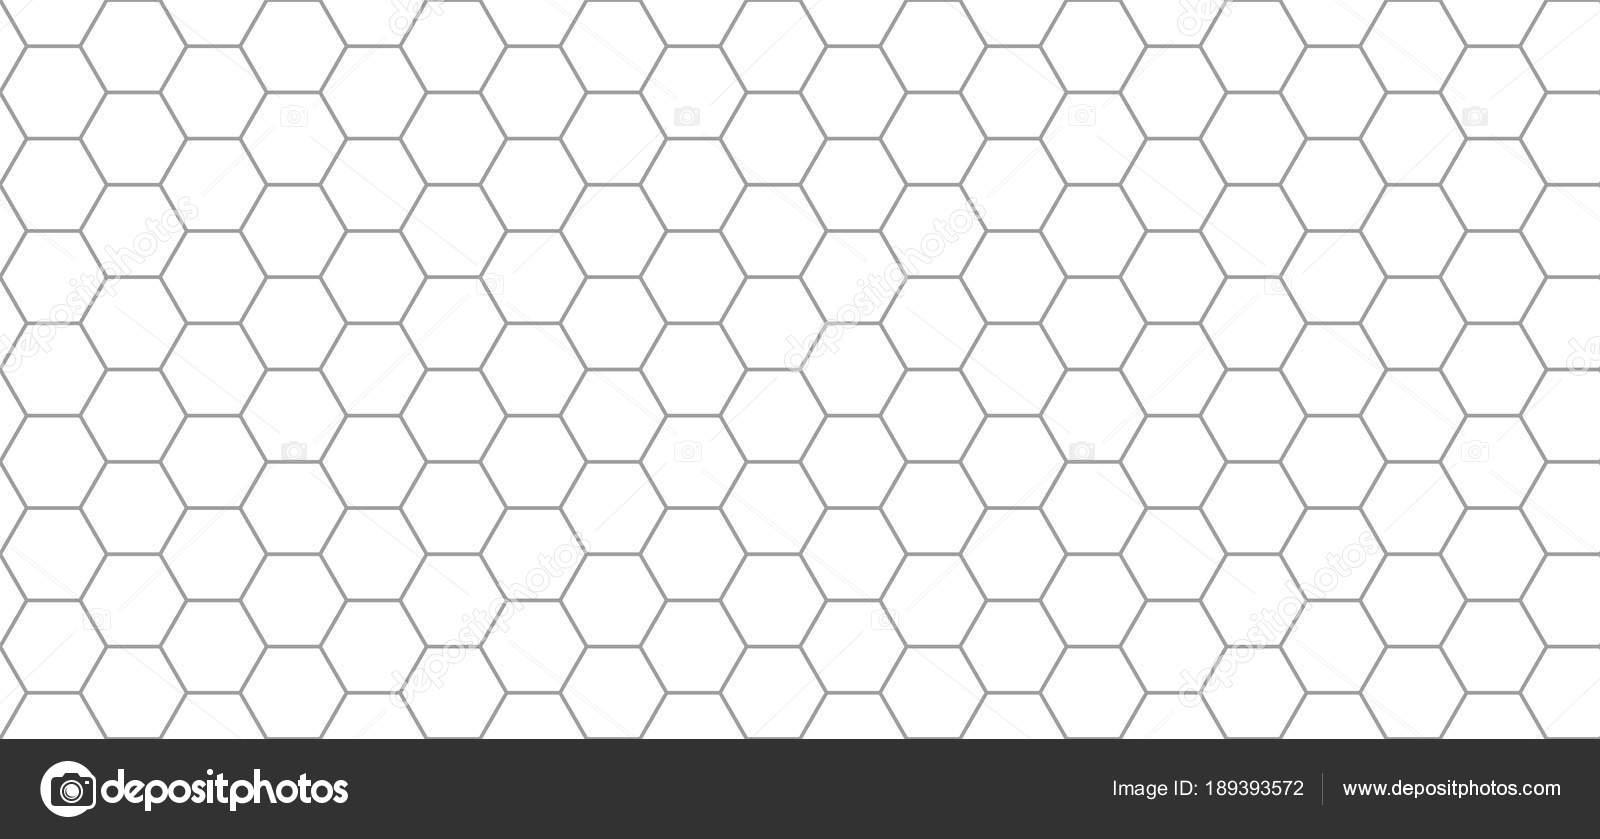 patrón del hexágono. Fondo transparente. Fondo abstracto en forma de ...